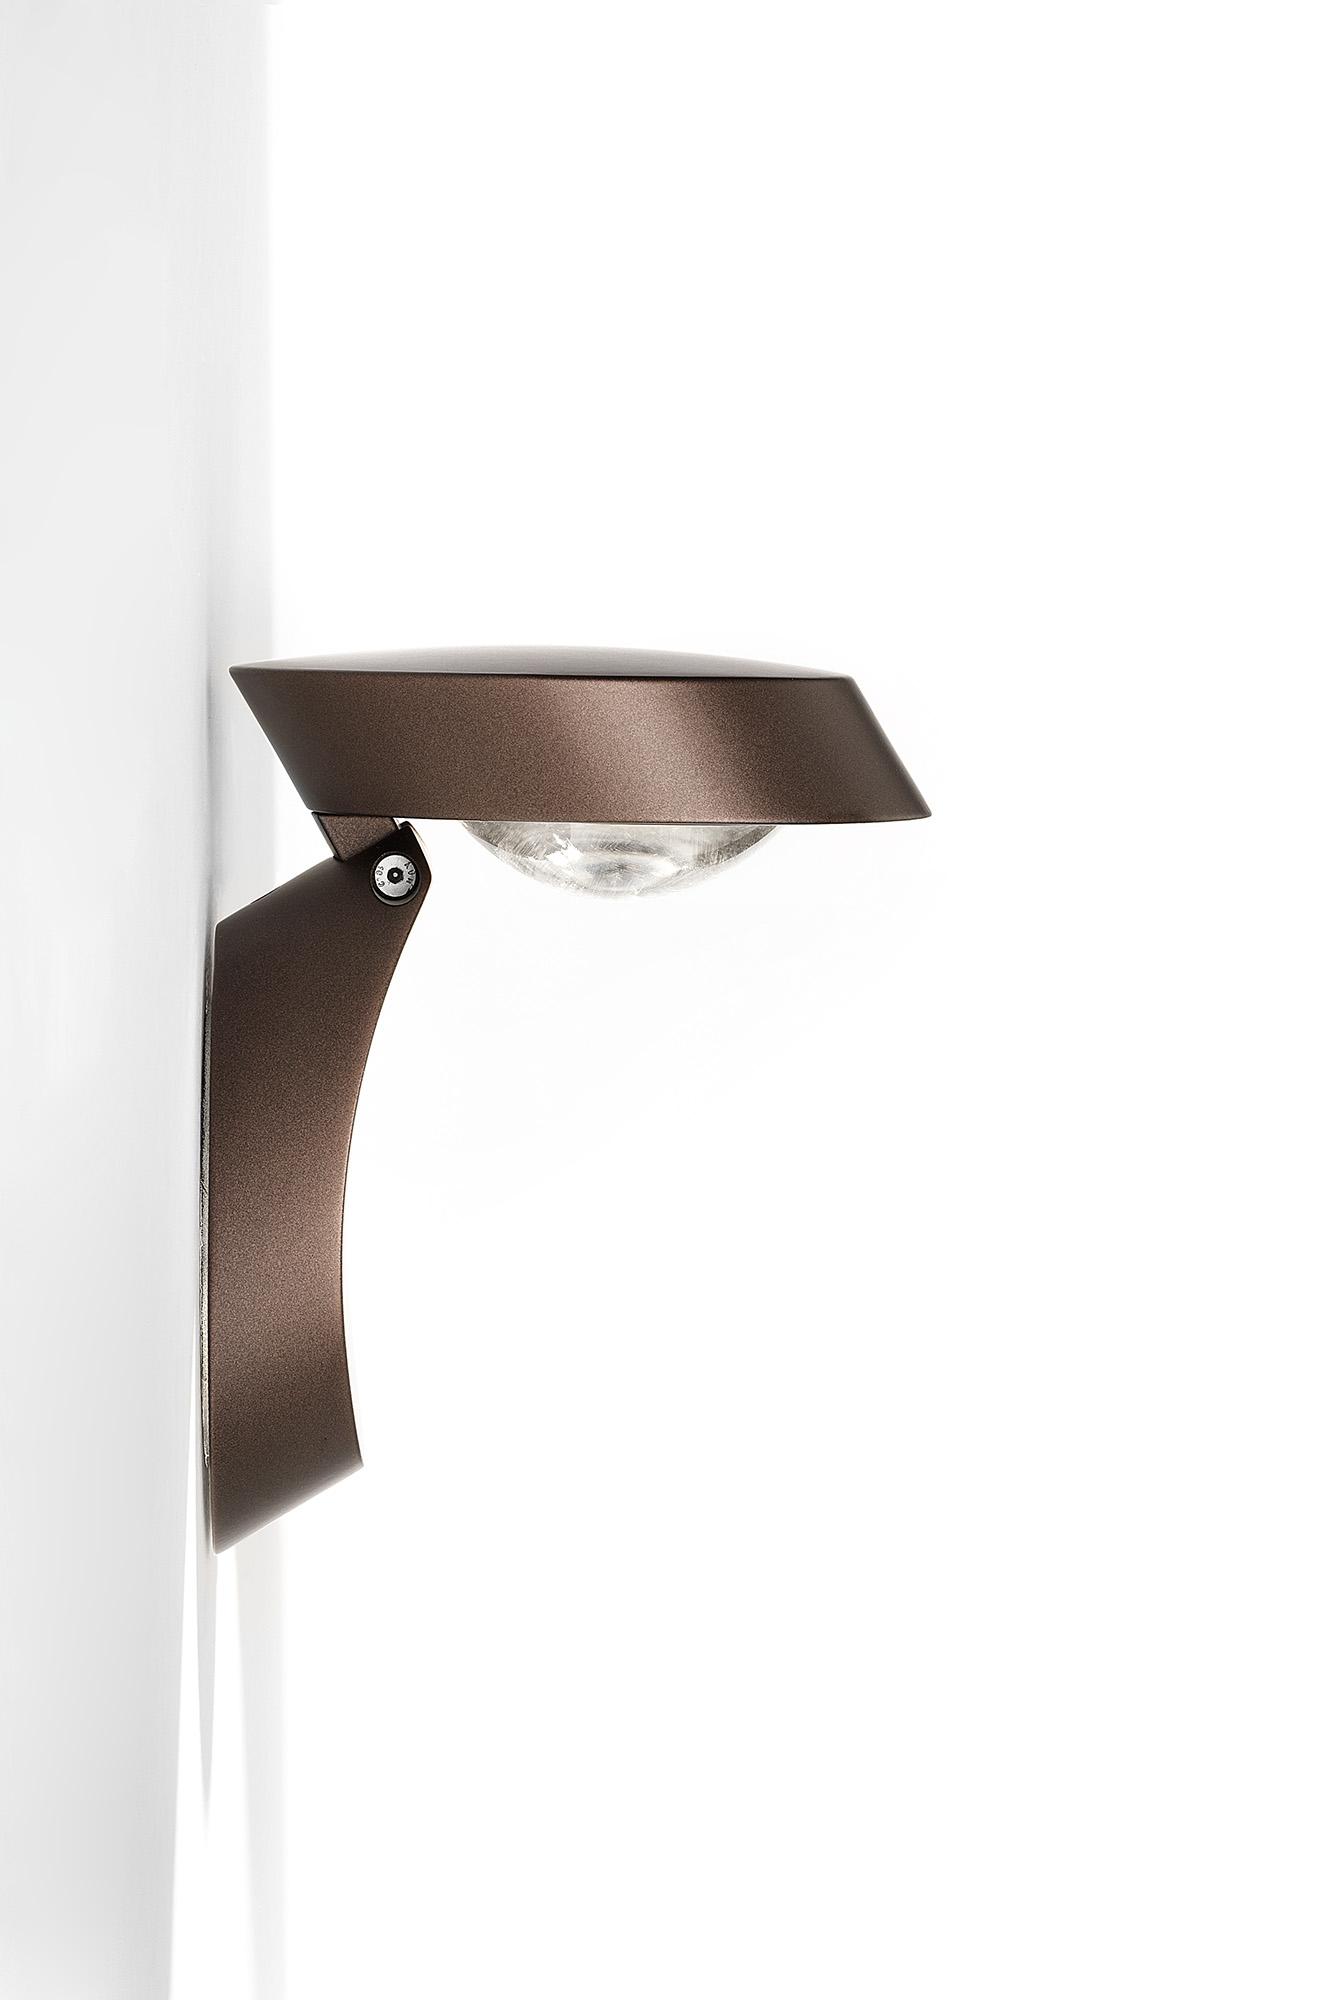 lampefeber – Pin-up væg/loft lampe bronze på luxlight.dk